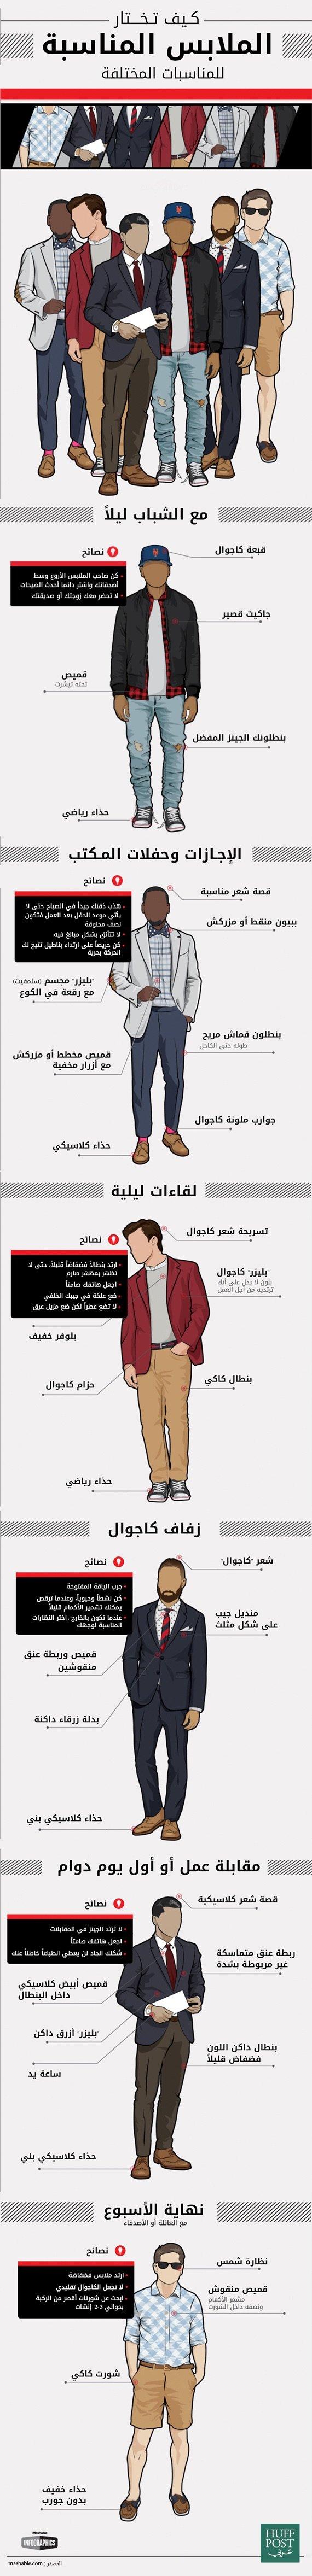 كيف تختار الملابس المناسبة للمناسبات المختلفة #انفوجرافيك